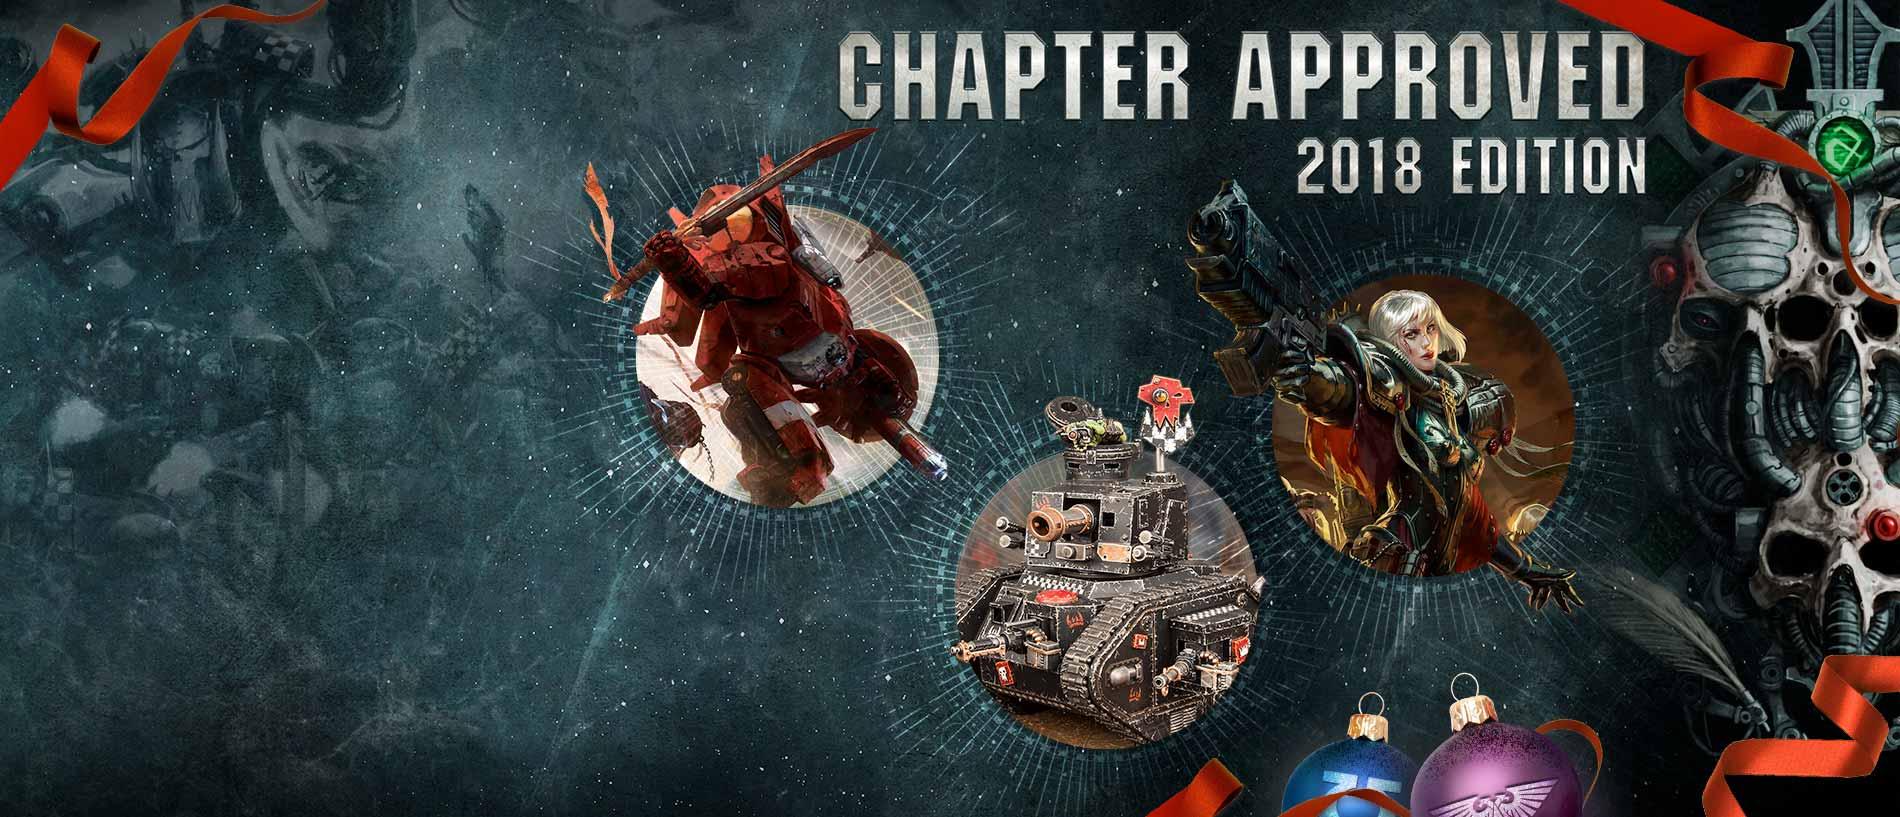 Warhammer 40k apocalypse datasheets games workshop